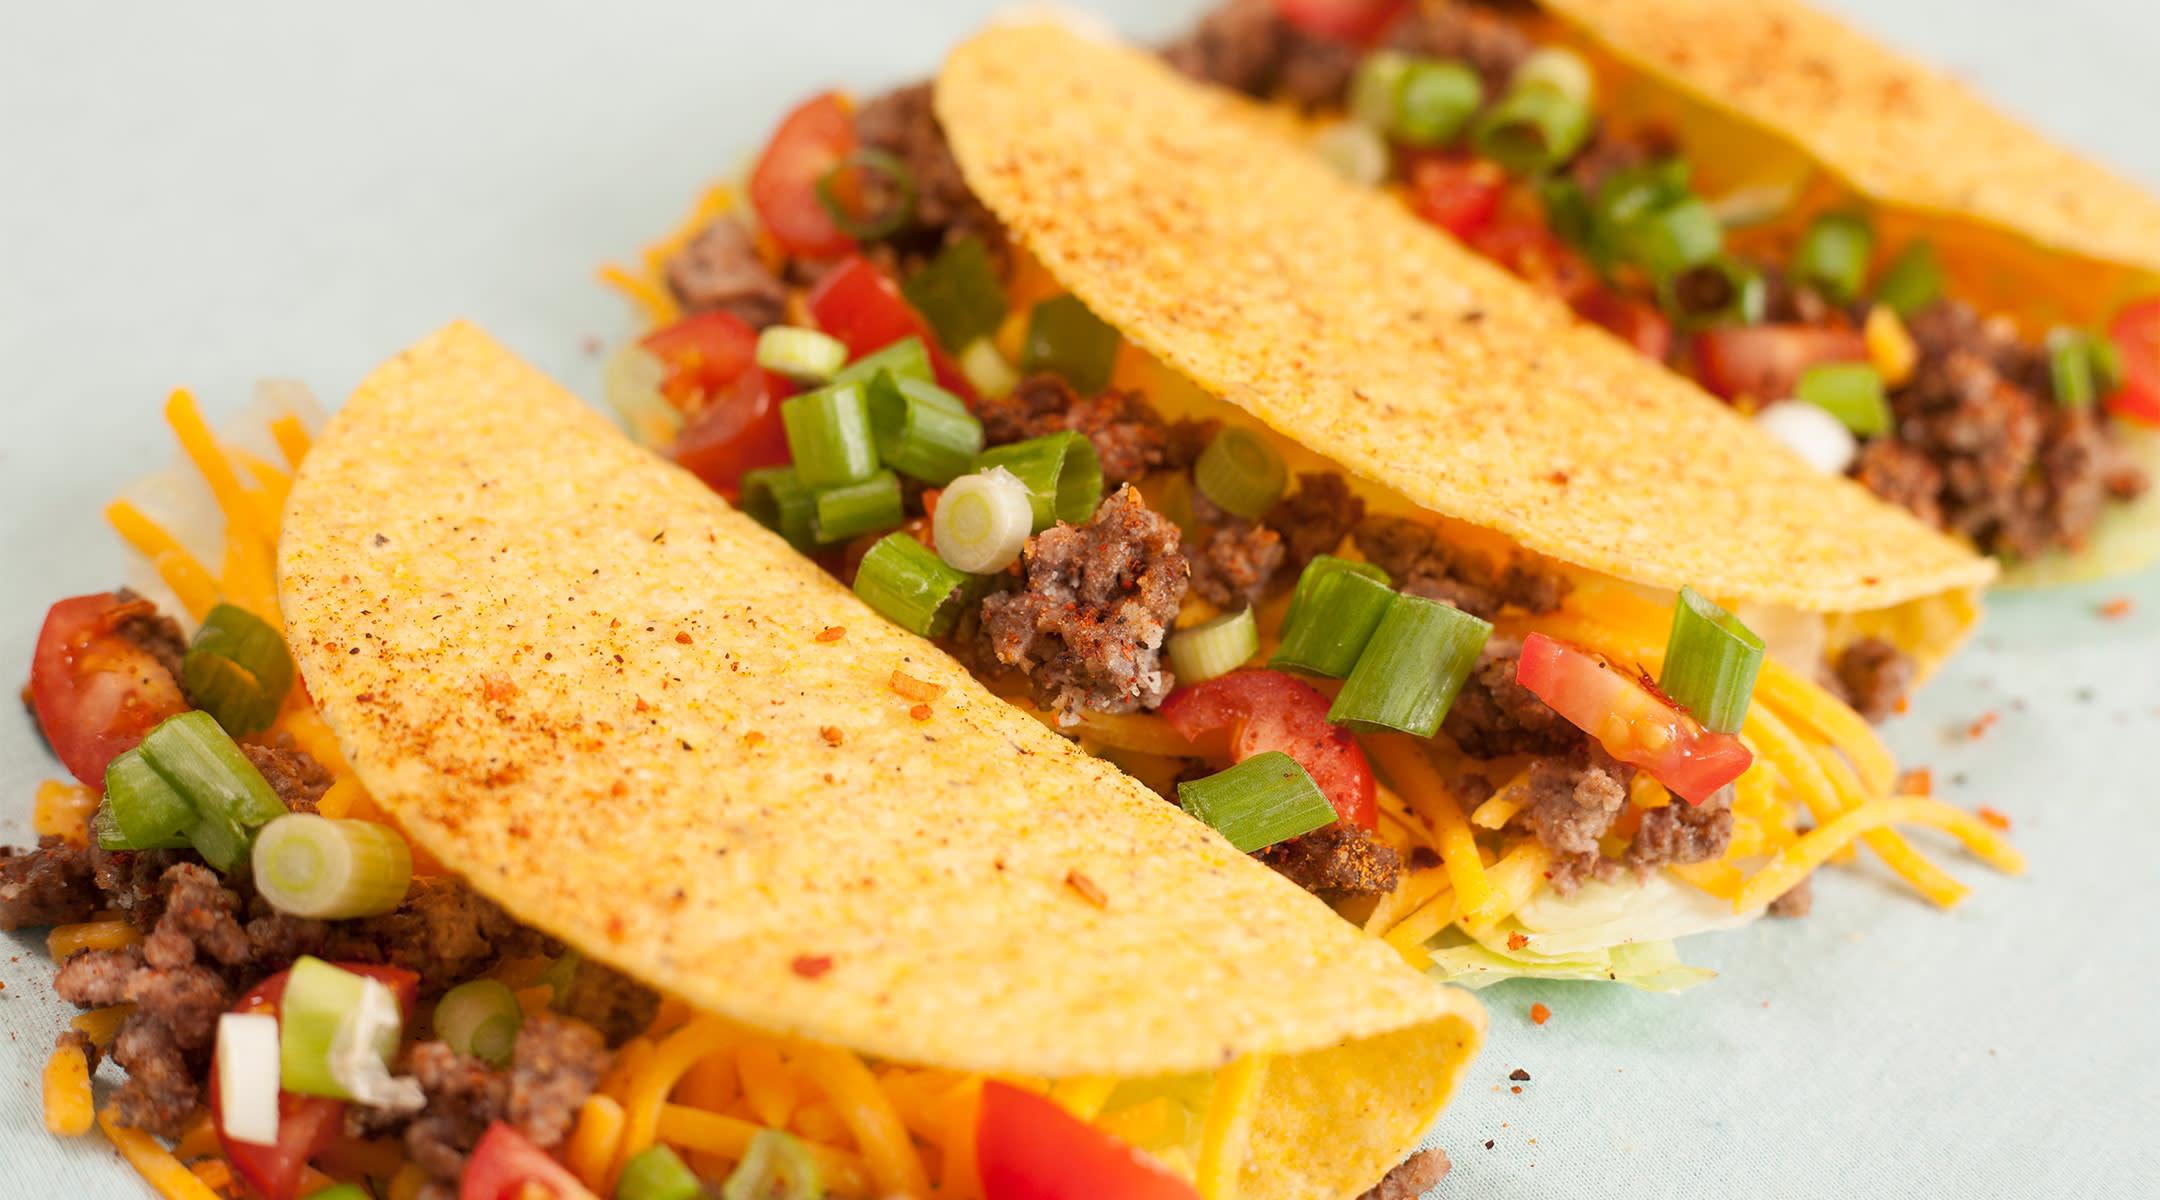 mom illustrates pregnancy week by week with taco bell menu items